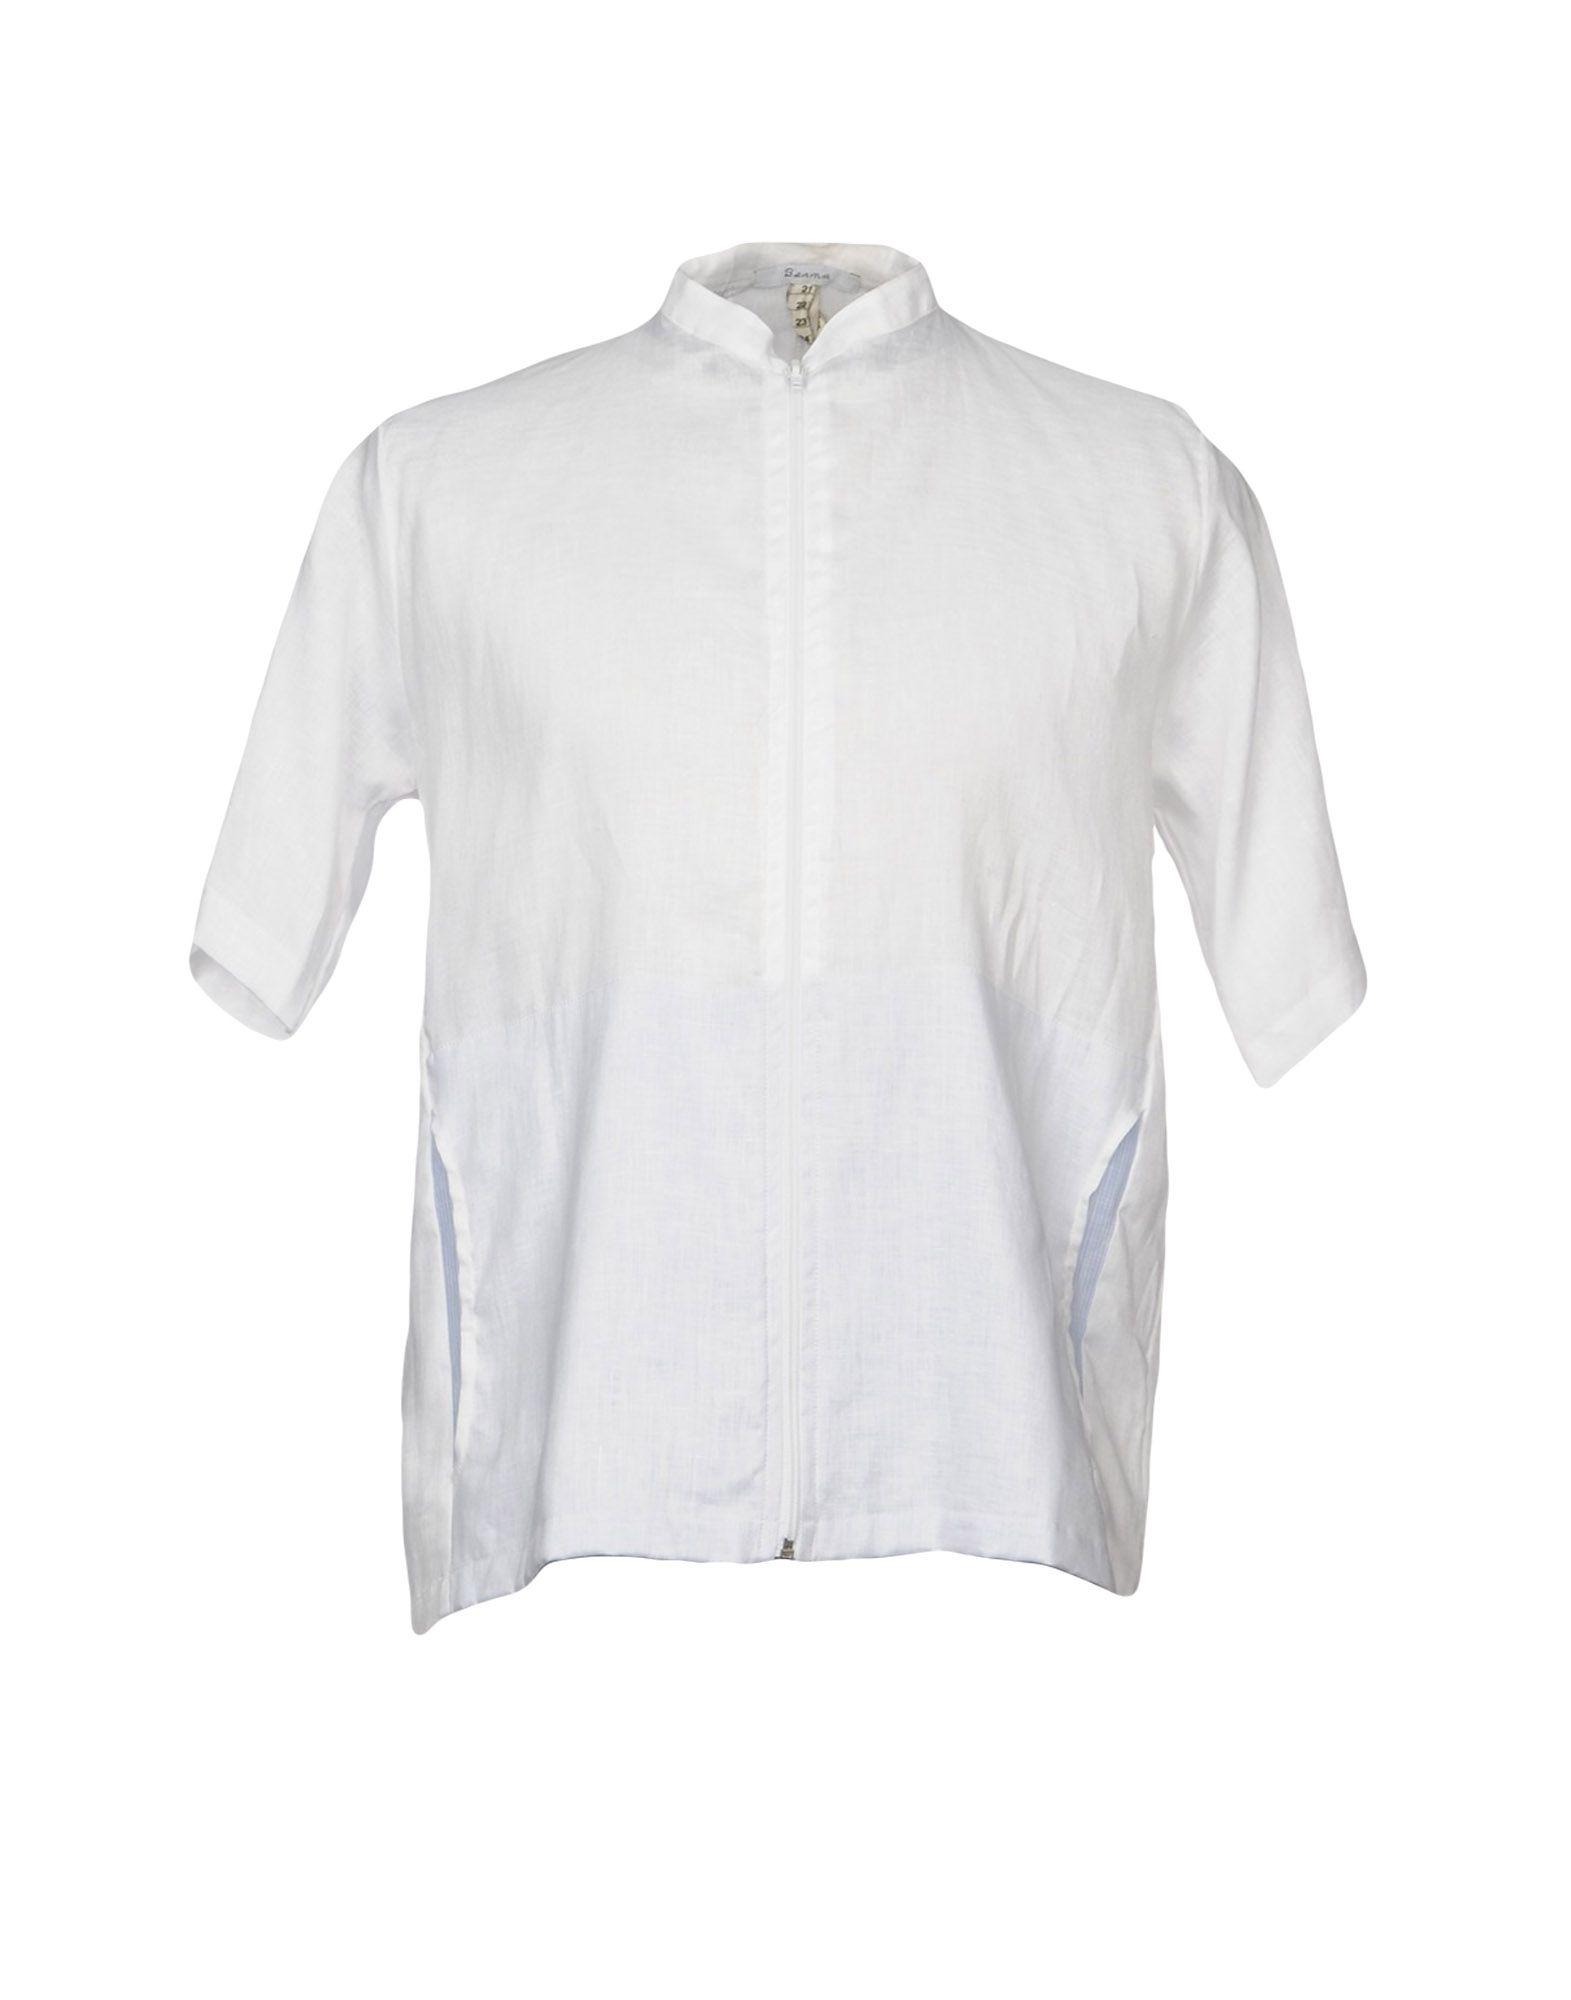 《期間限定セール中》BERNA メンズ シャツ ホワイト S 麻 100%